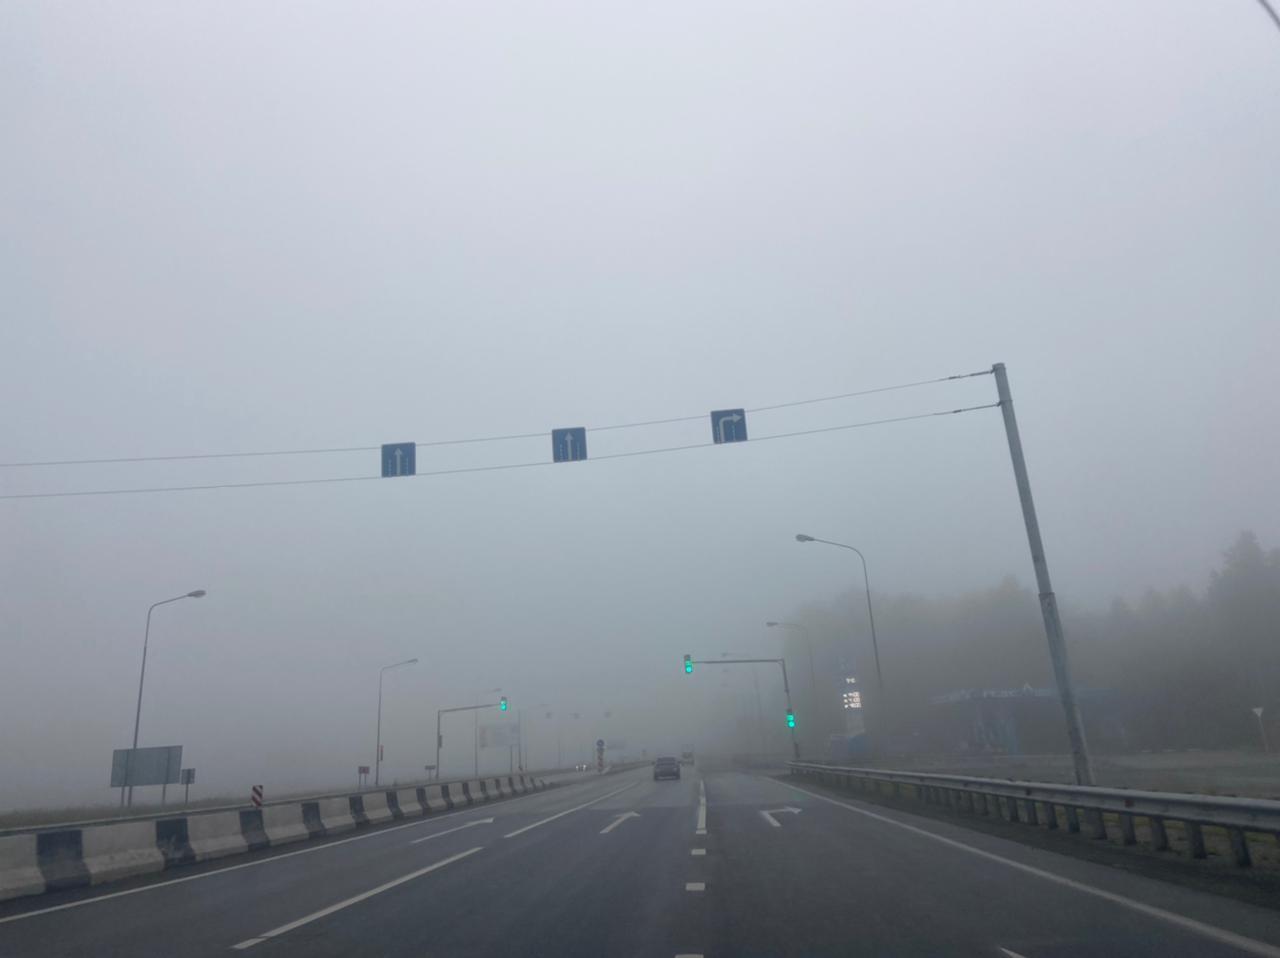 Фото «Выглядит жутковато»: новосибирцы делятся в соцсетях мистическими фото утреннего тумана 8